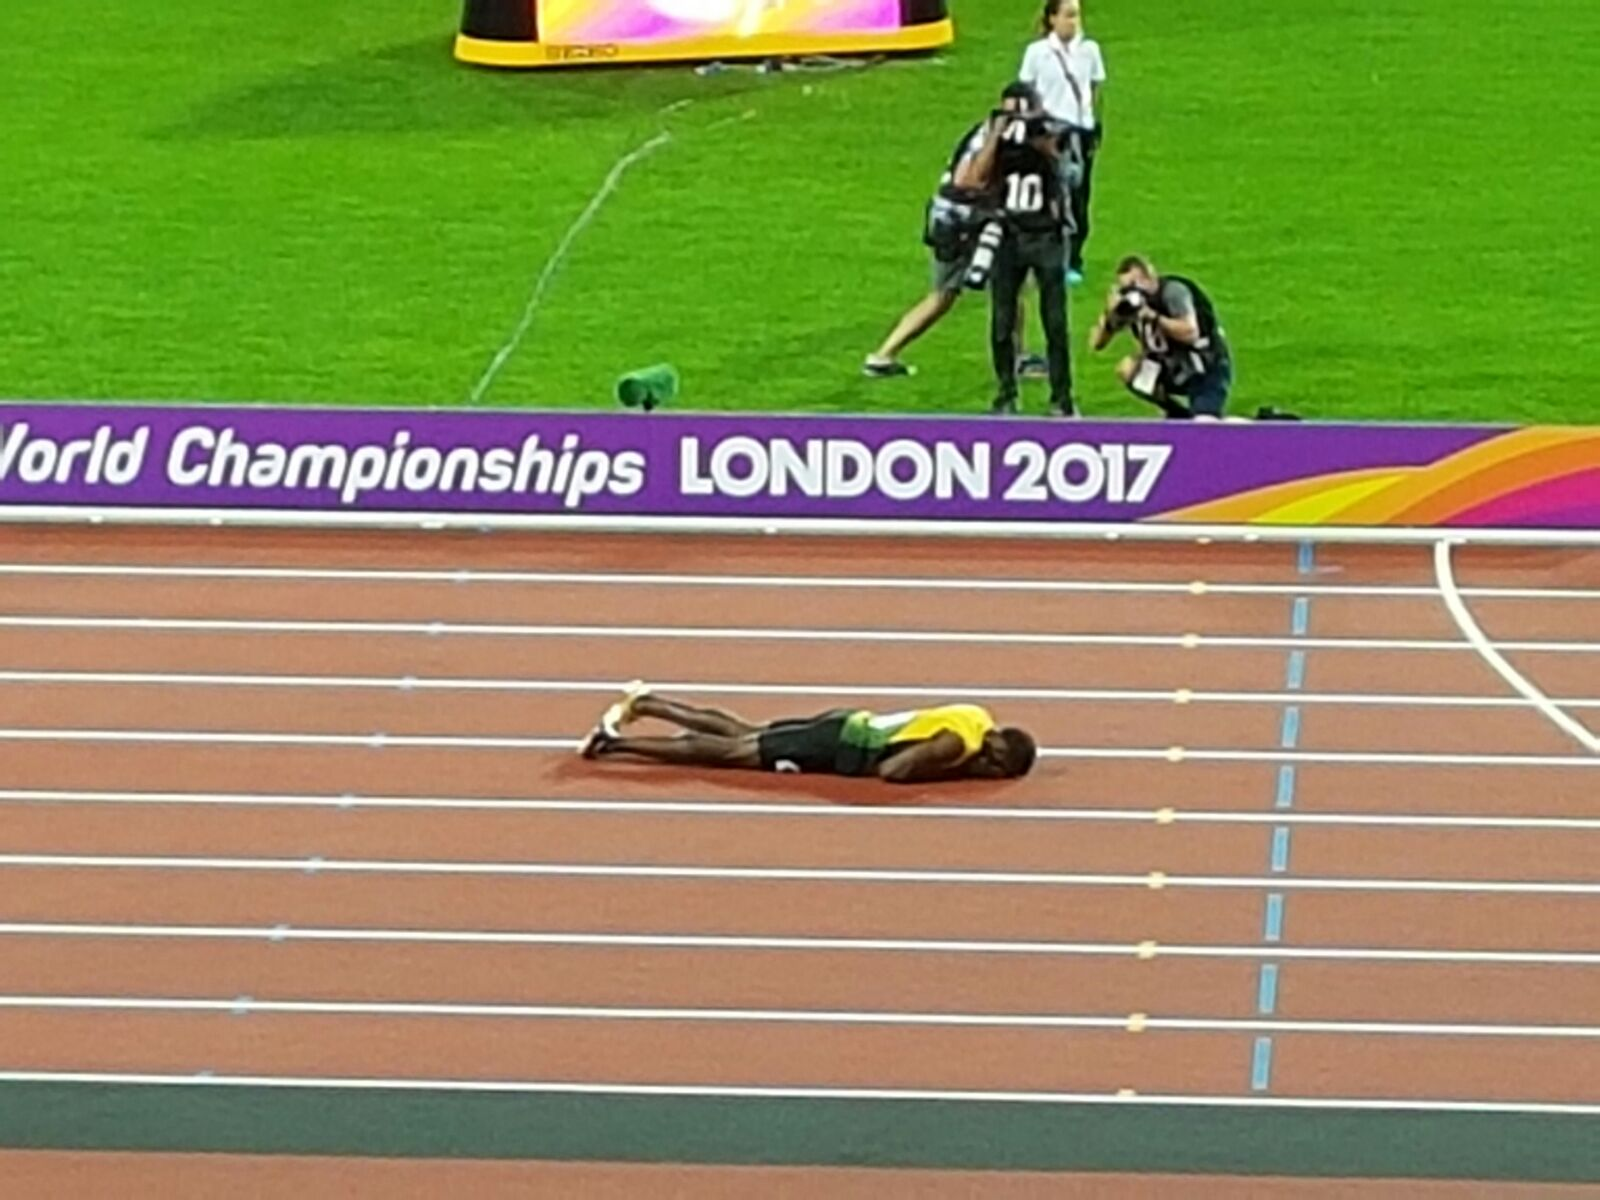 La carriera di Bolt si chiude con l'infortunio! Staffetta 4×100 da incubo